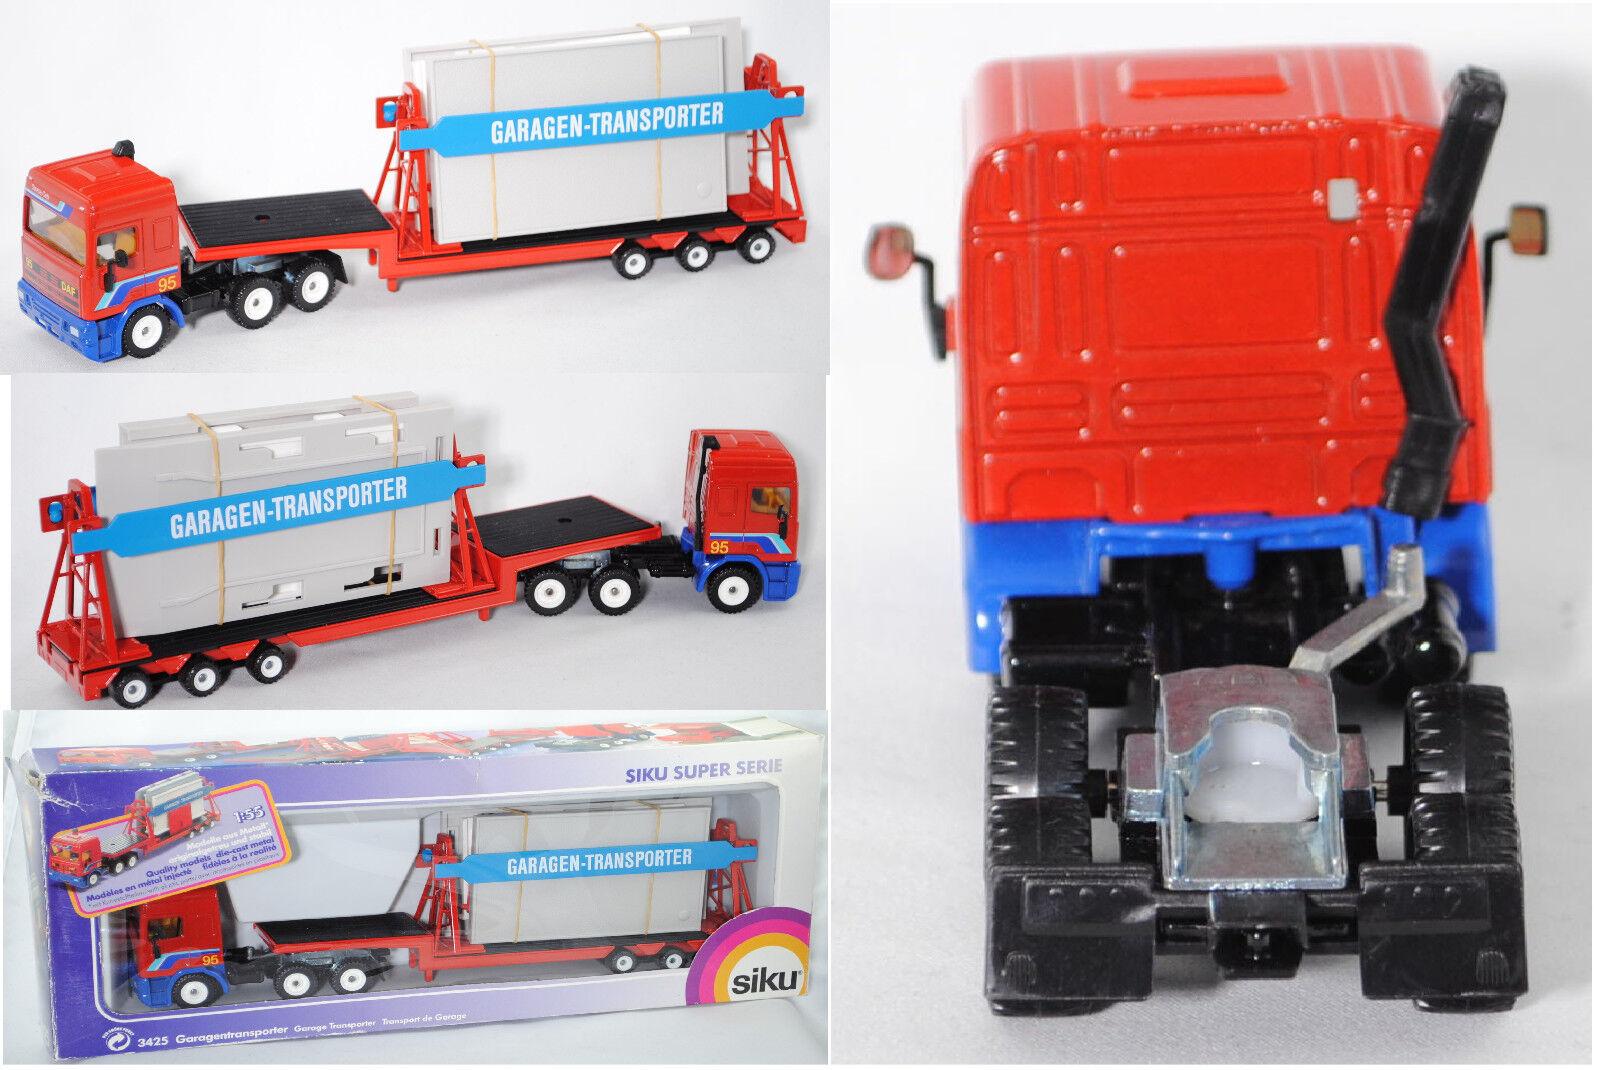 SIKU SUPER 3425 DAF 95 garages transporteur, 1 55, neuf dans sa boîte